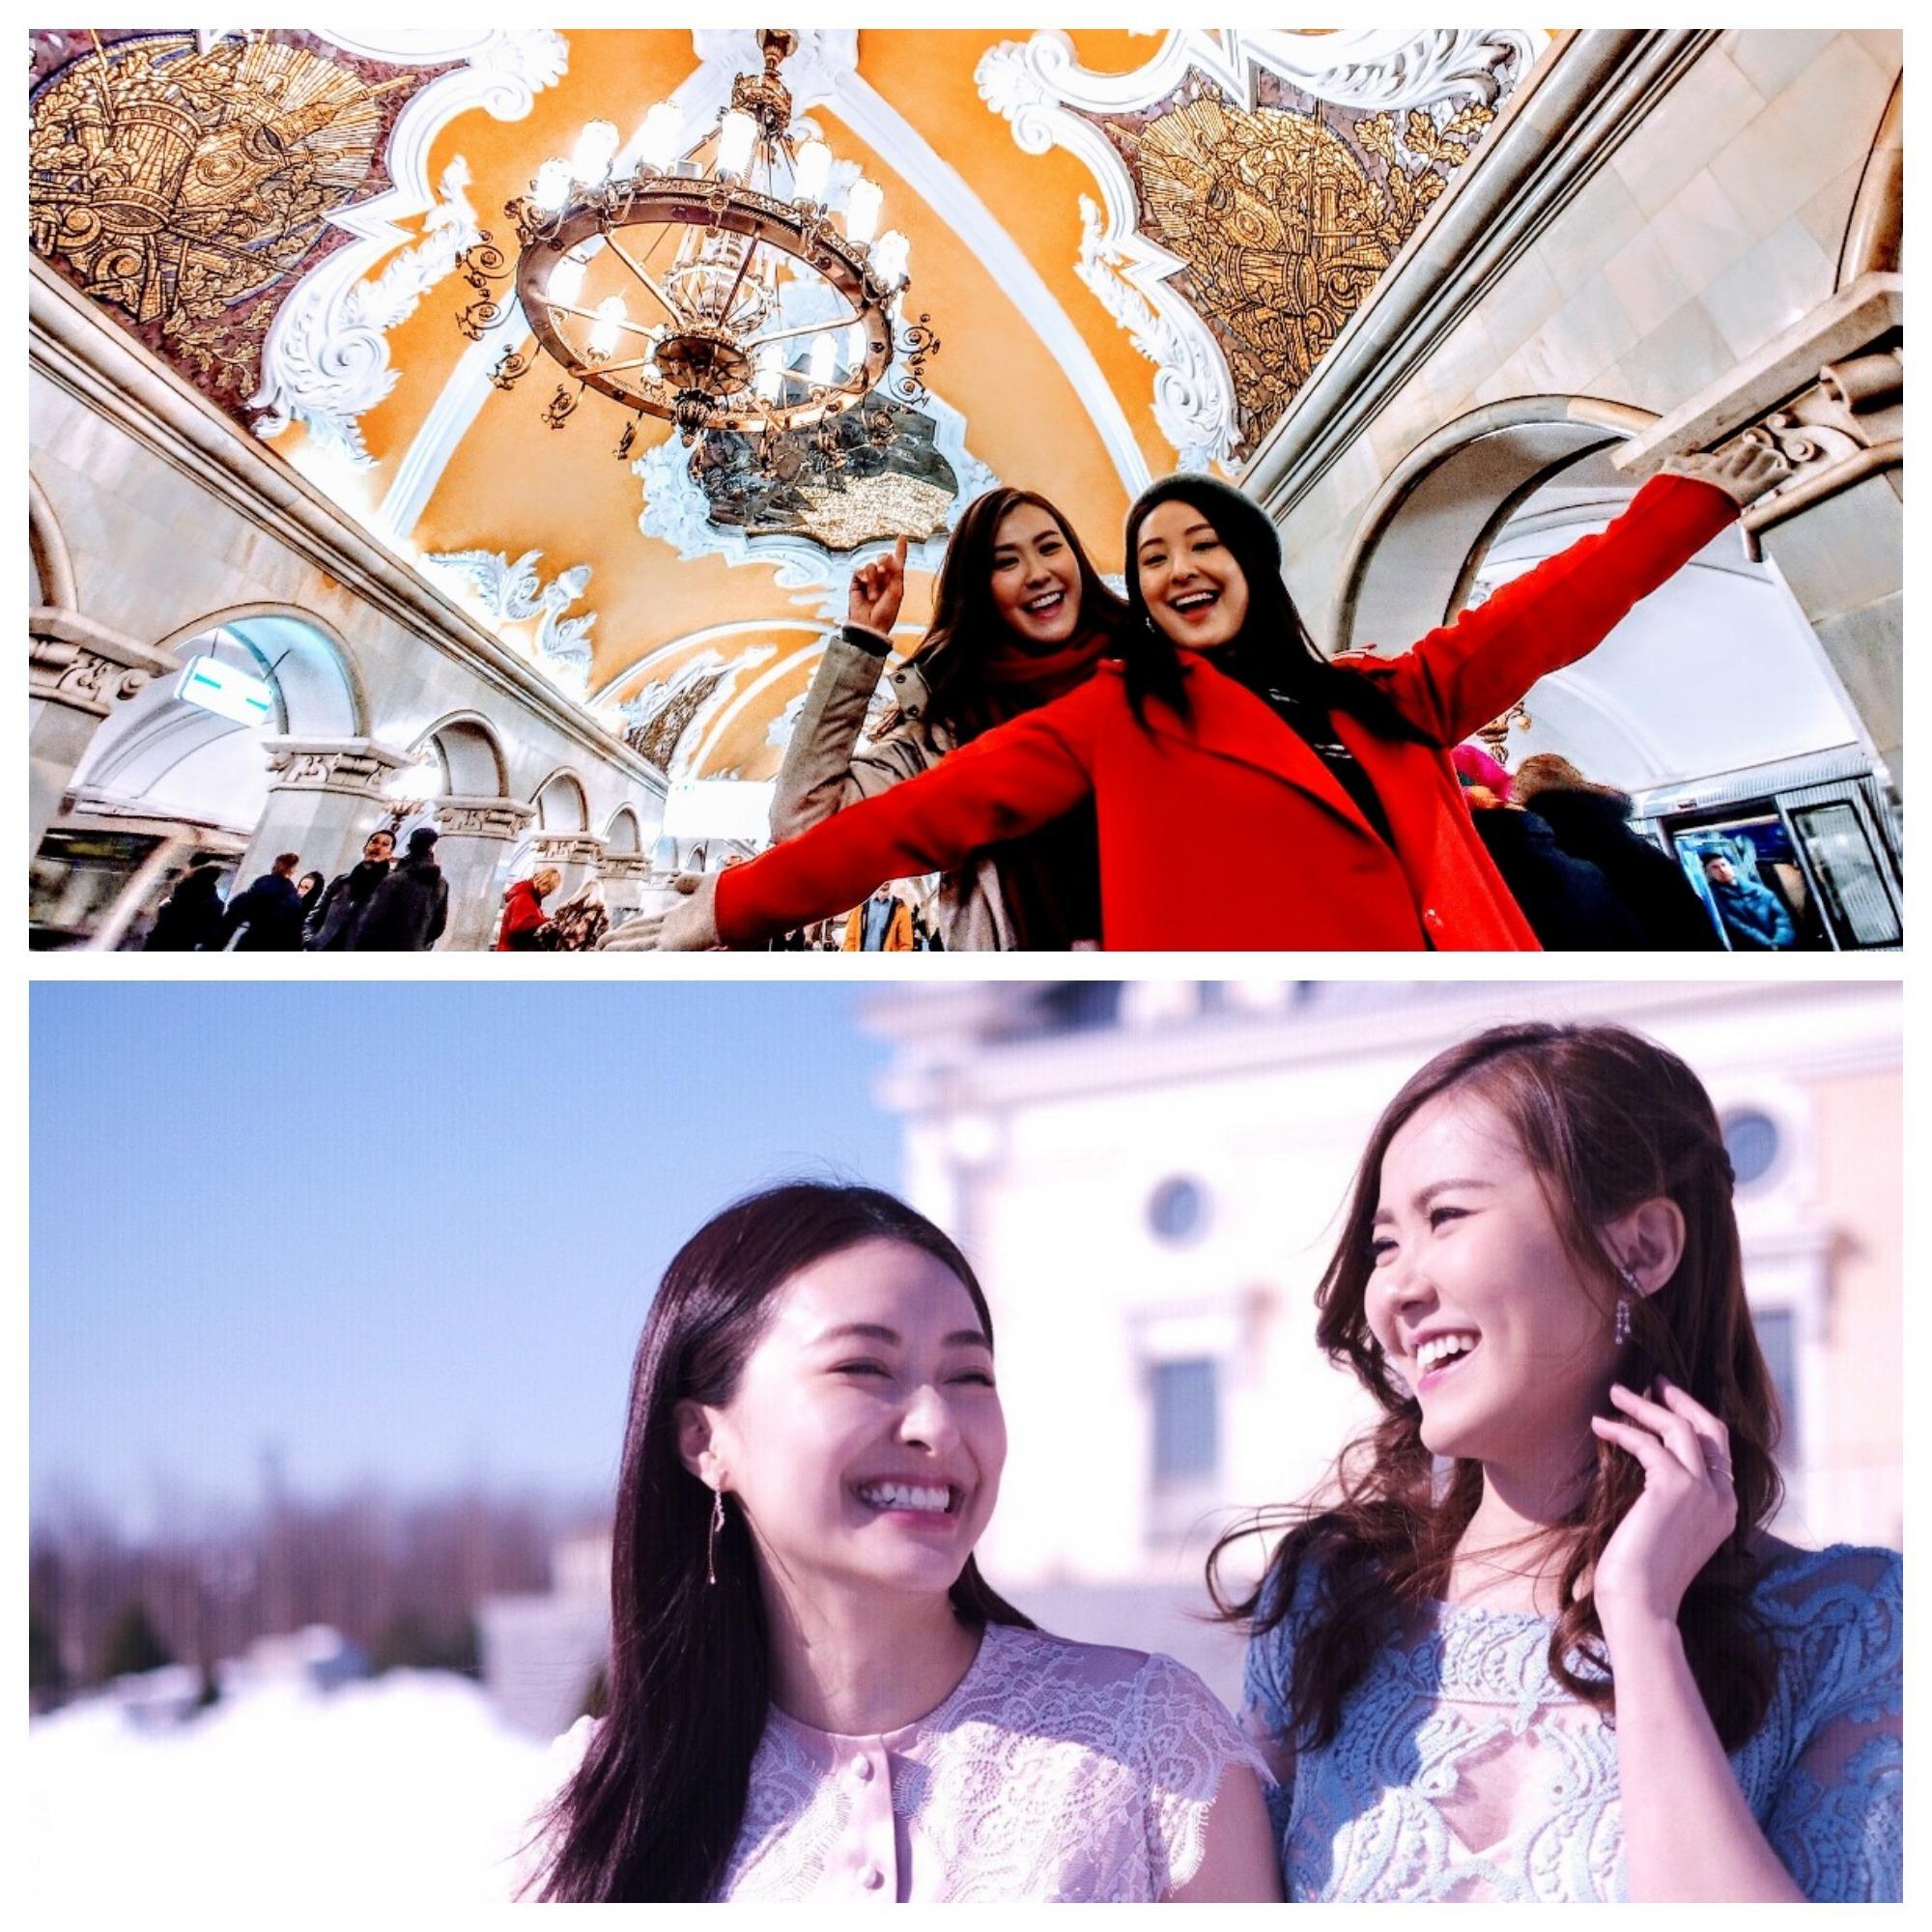 她們今次去了著名景點參觀,包括莫斯科的紅場以及聖巴索大教堂。